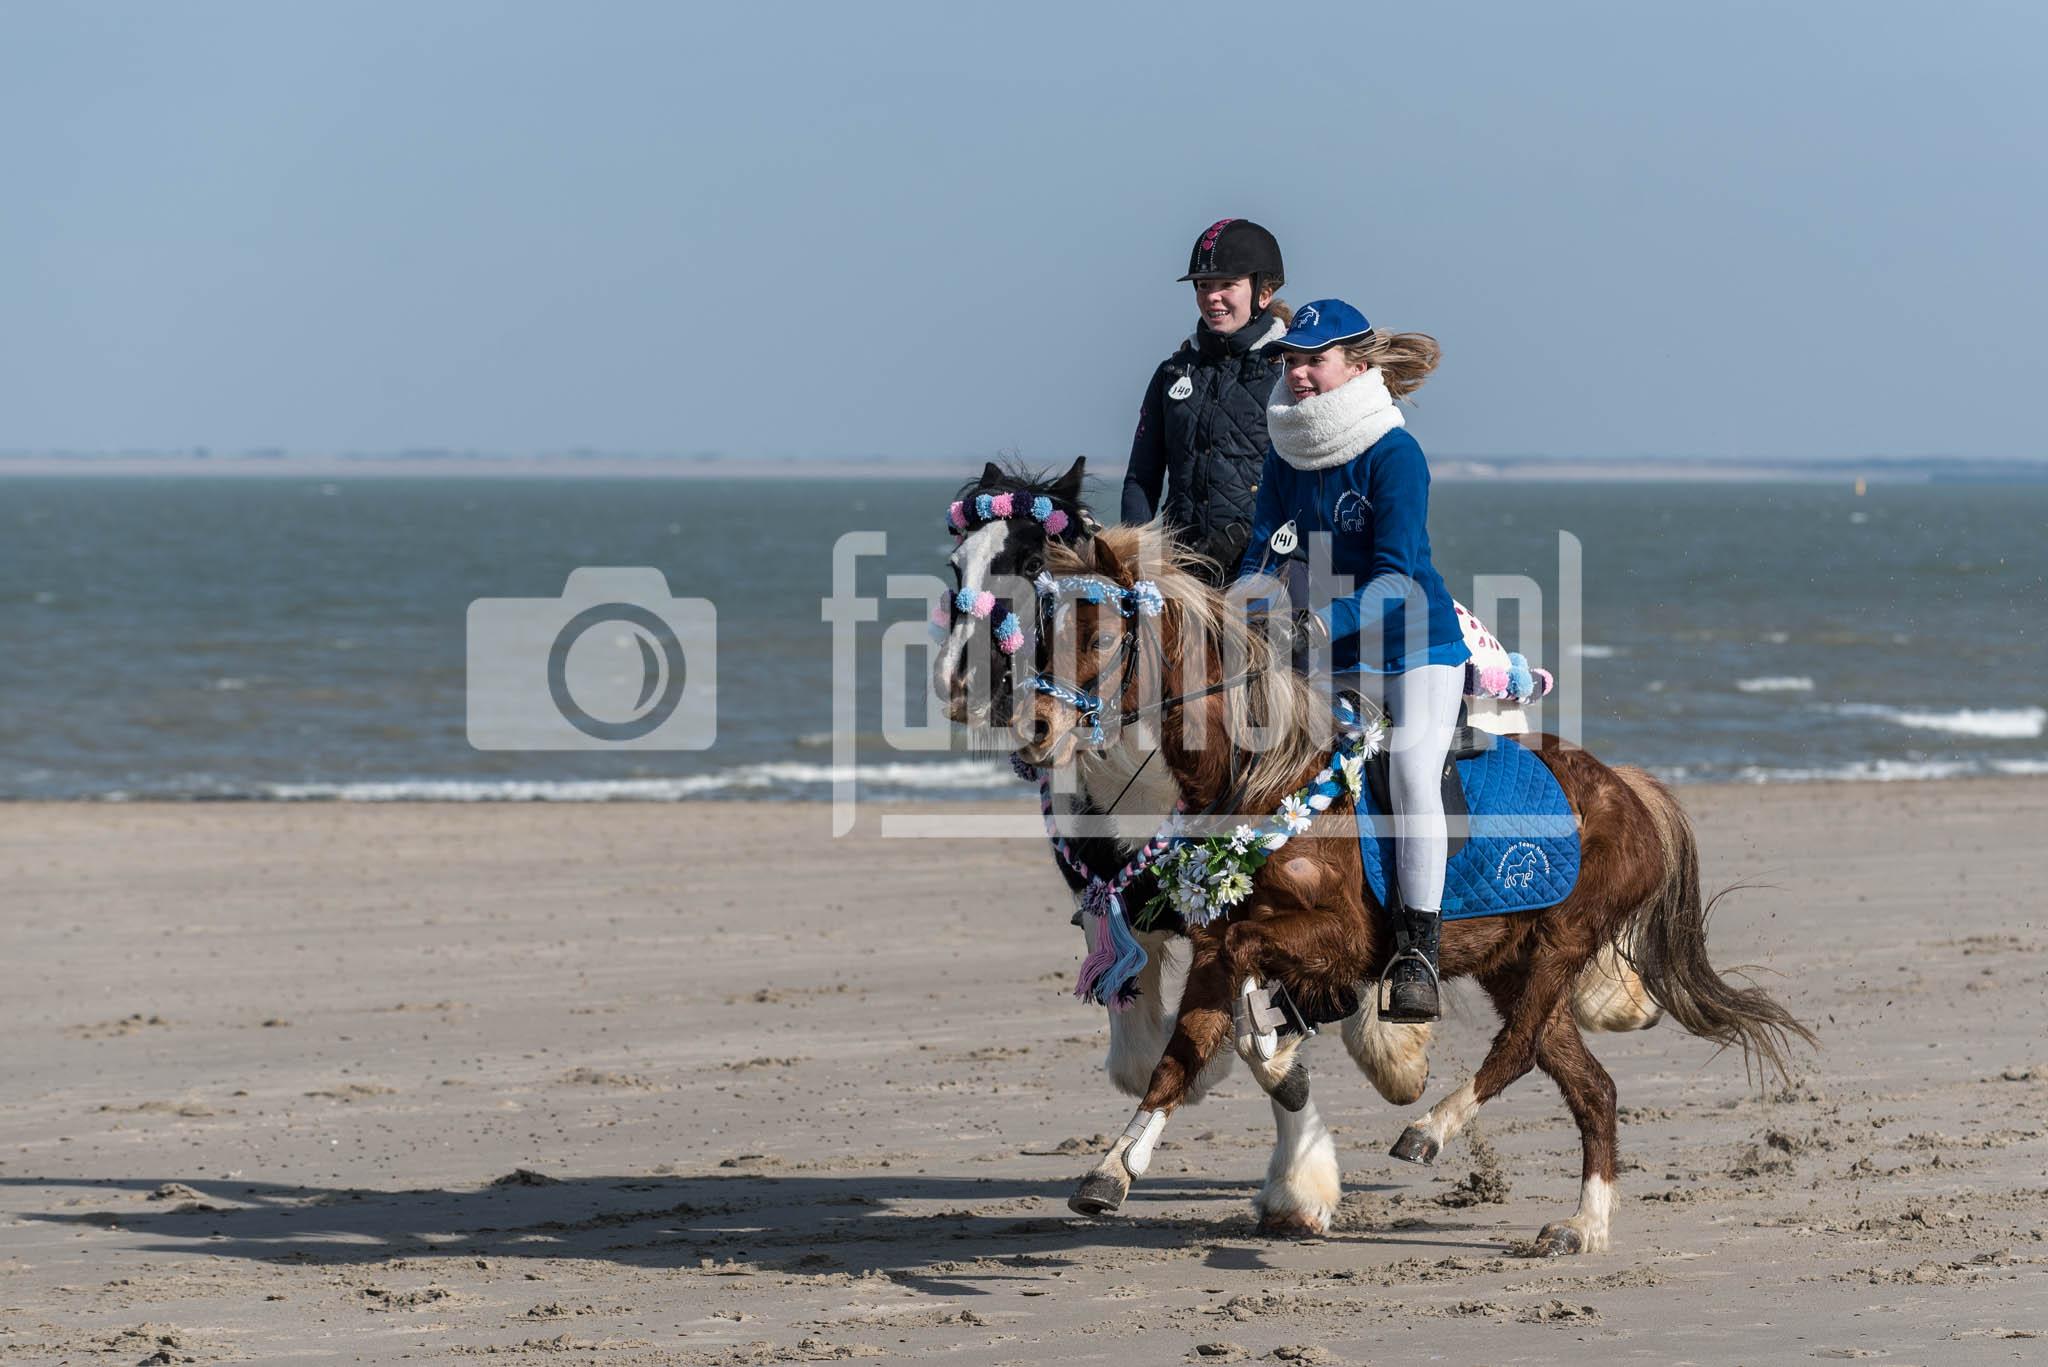 Strao_2016_Noordwelle_Renesse (14 of 35).jpg